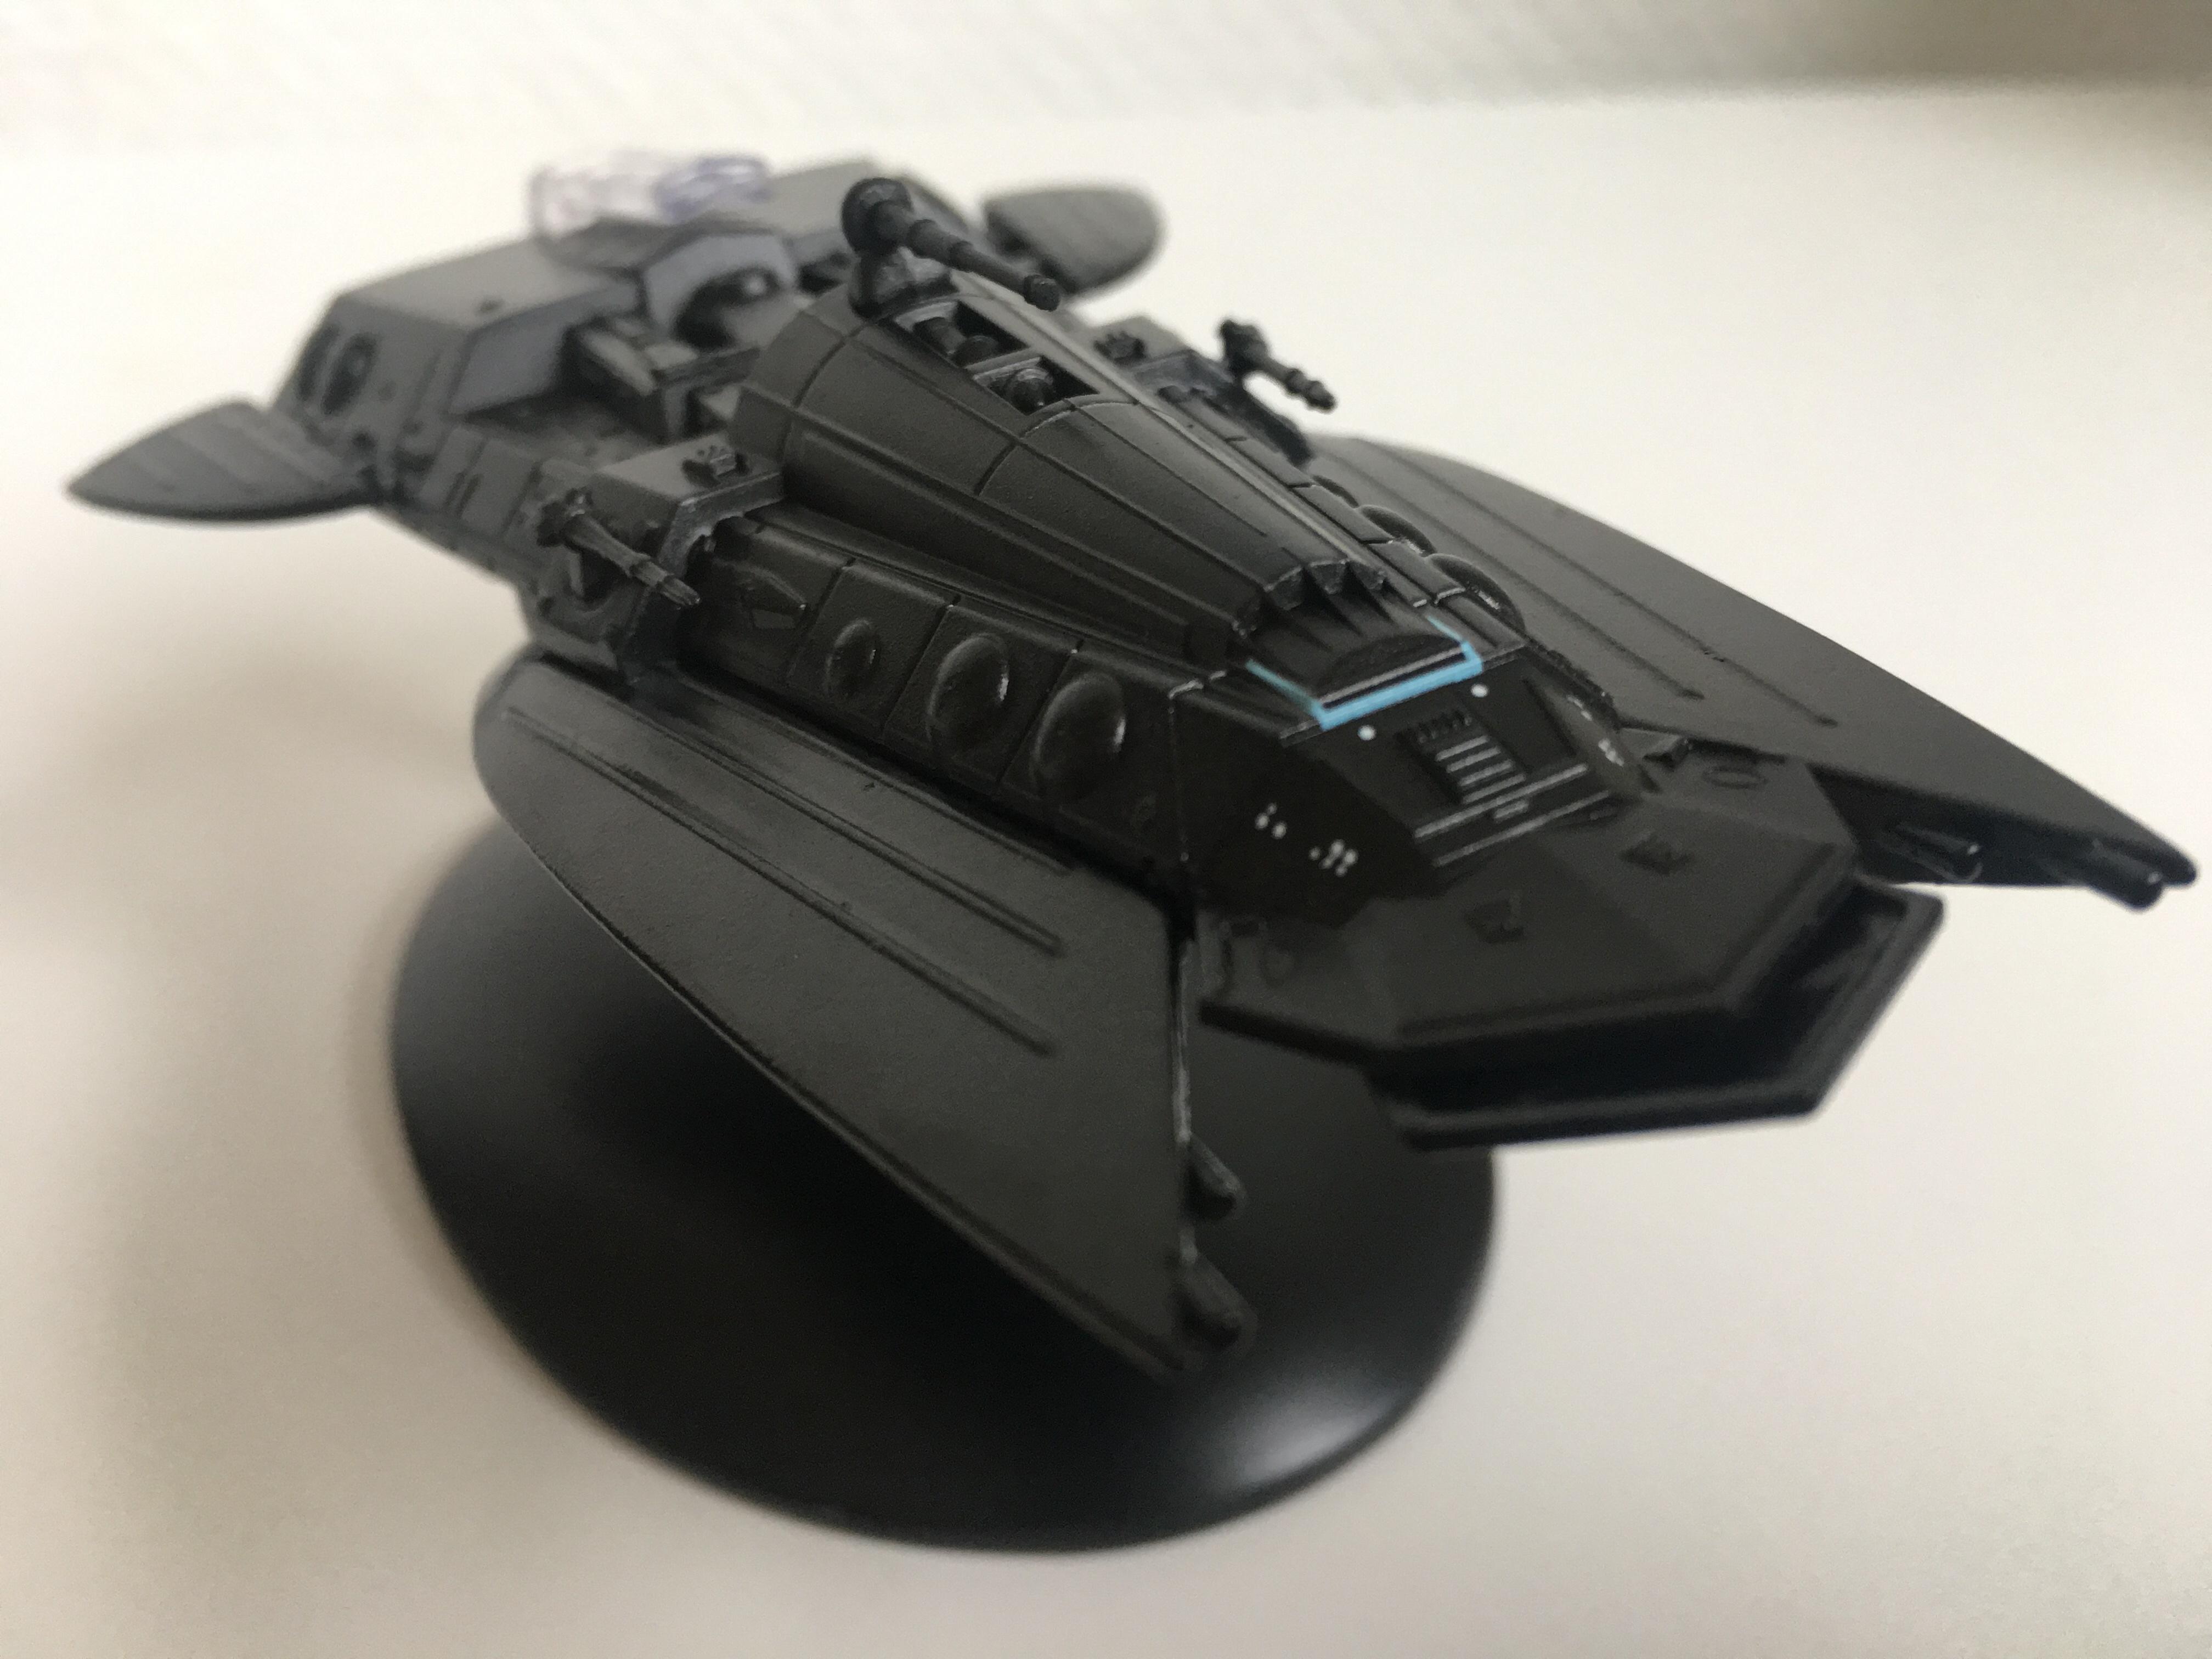 Das Schmuggler-Schiff wirkt auf dem ersten Blick bedrohlich. Foto: Star Trek HD